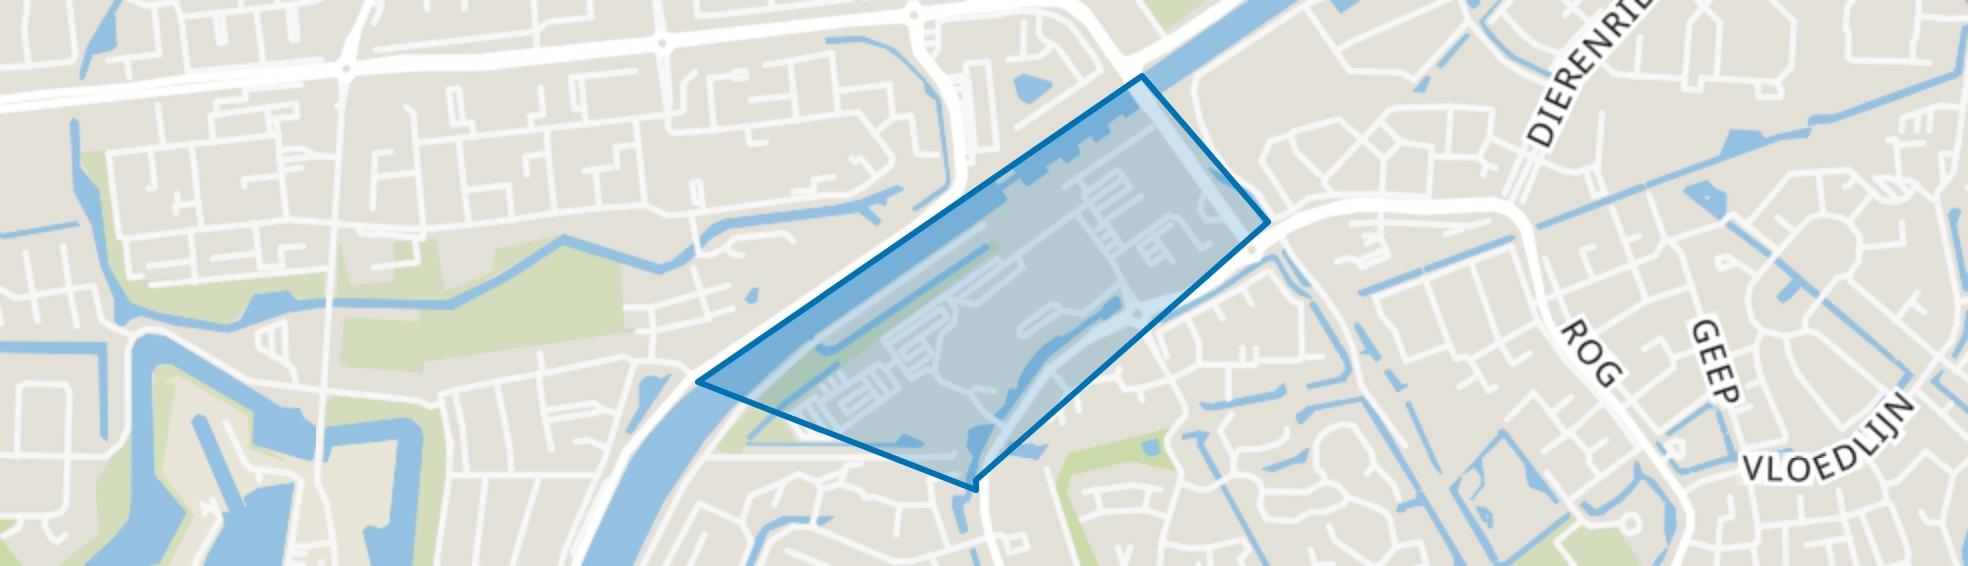 Centrumgebied-Oost, Hellevoetsluis map